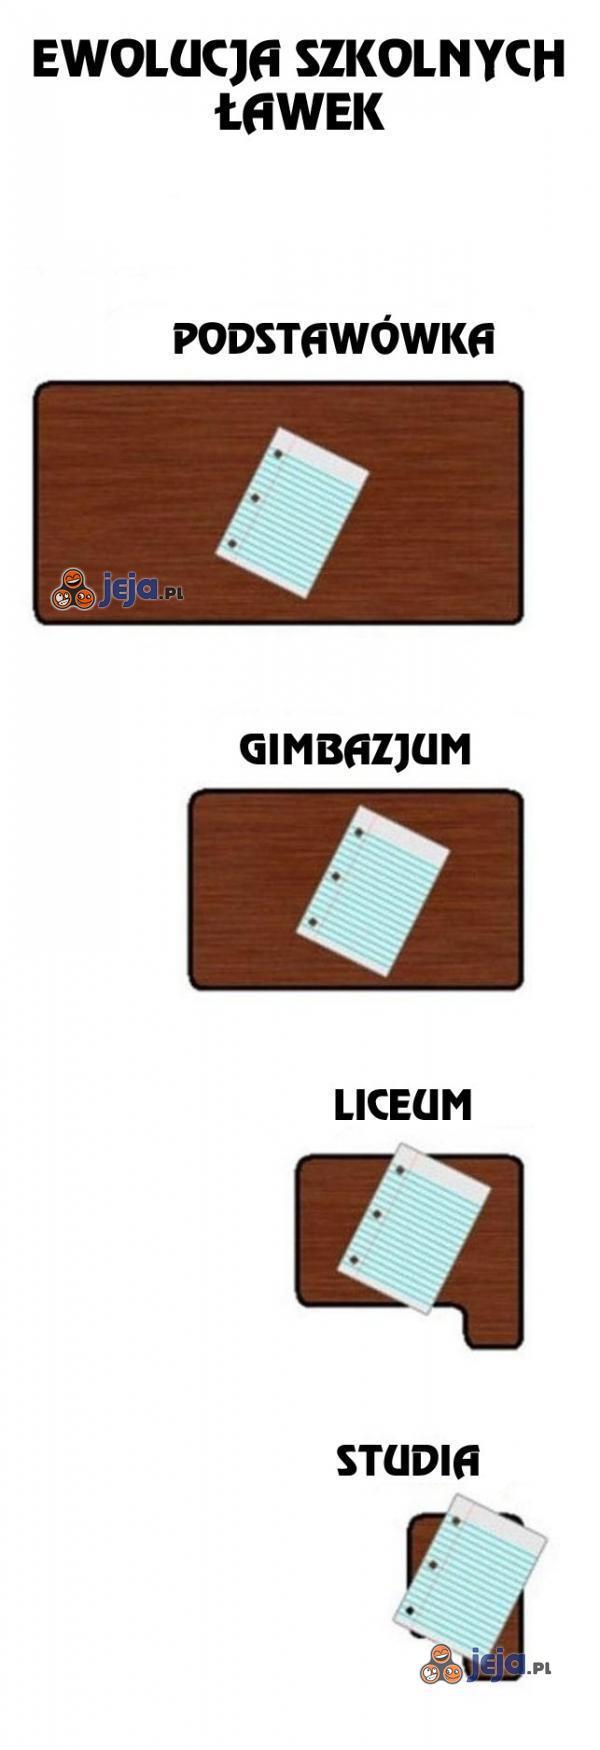 Ewolucja szkolnych ławek